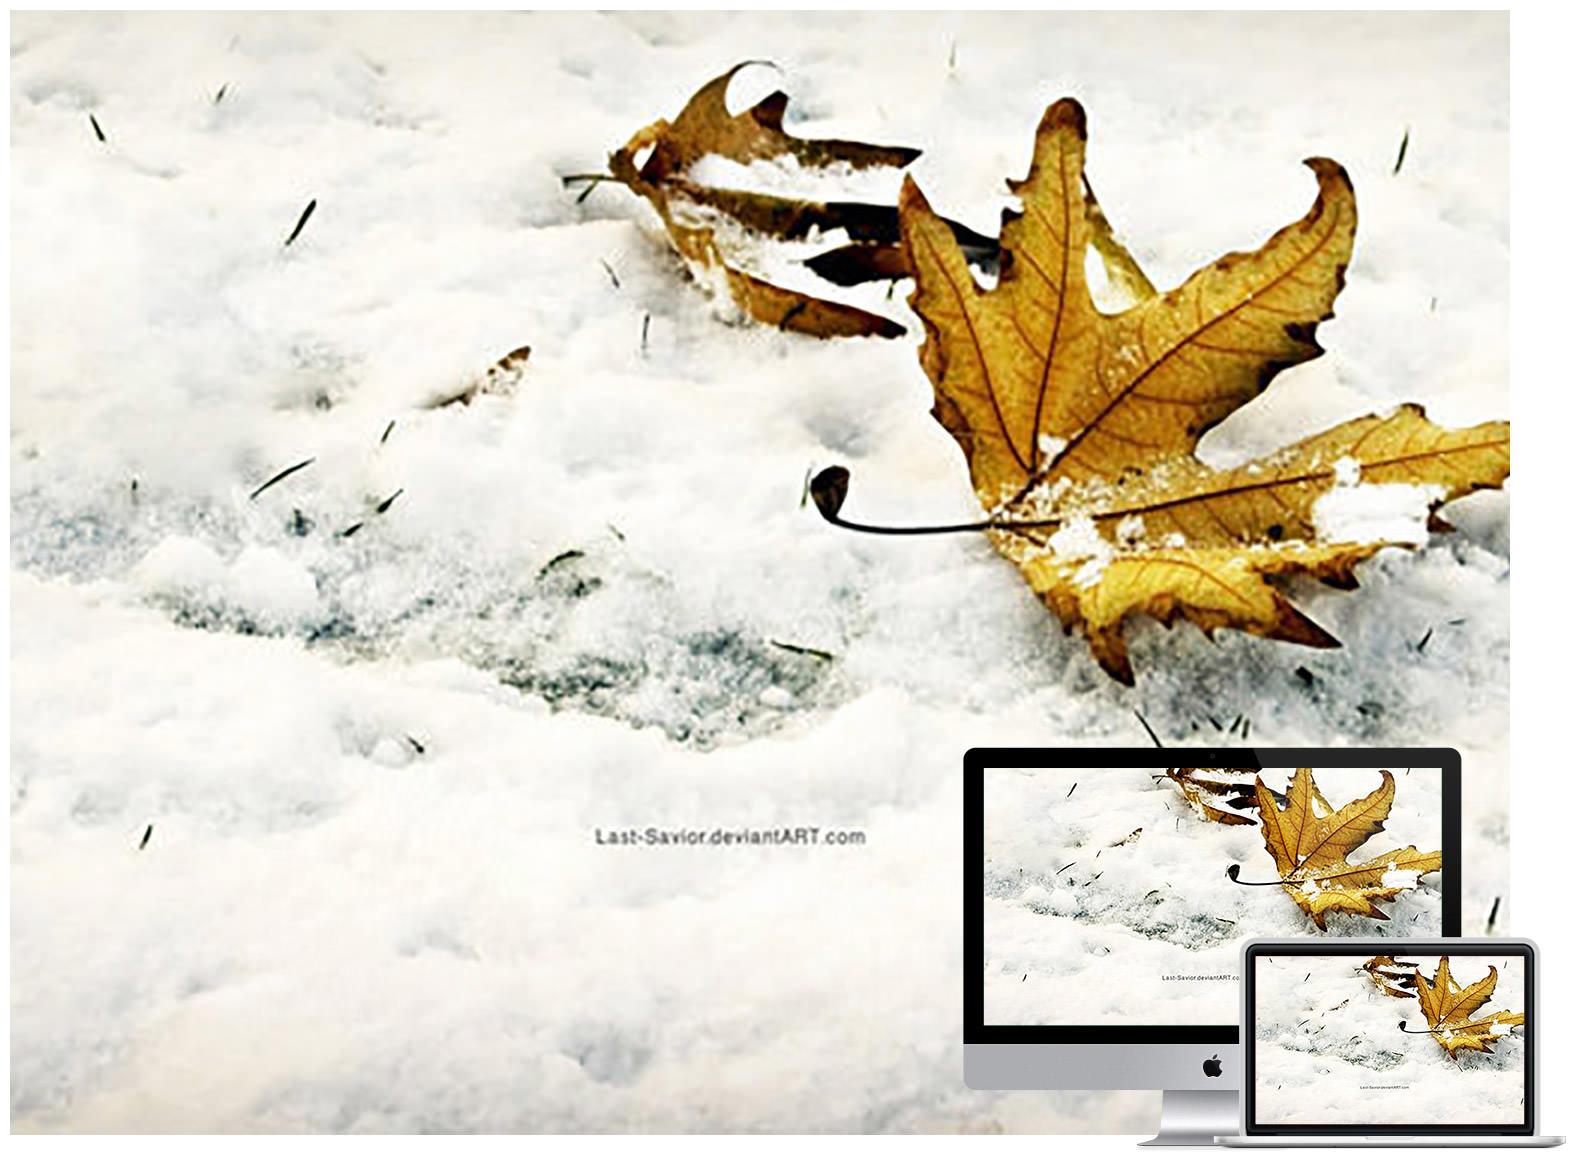 winter fall - Bộ ảnh nền mùa Đông đẹp dành cho máy tính